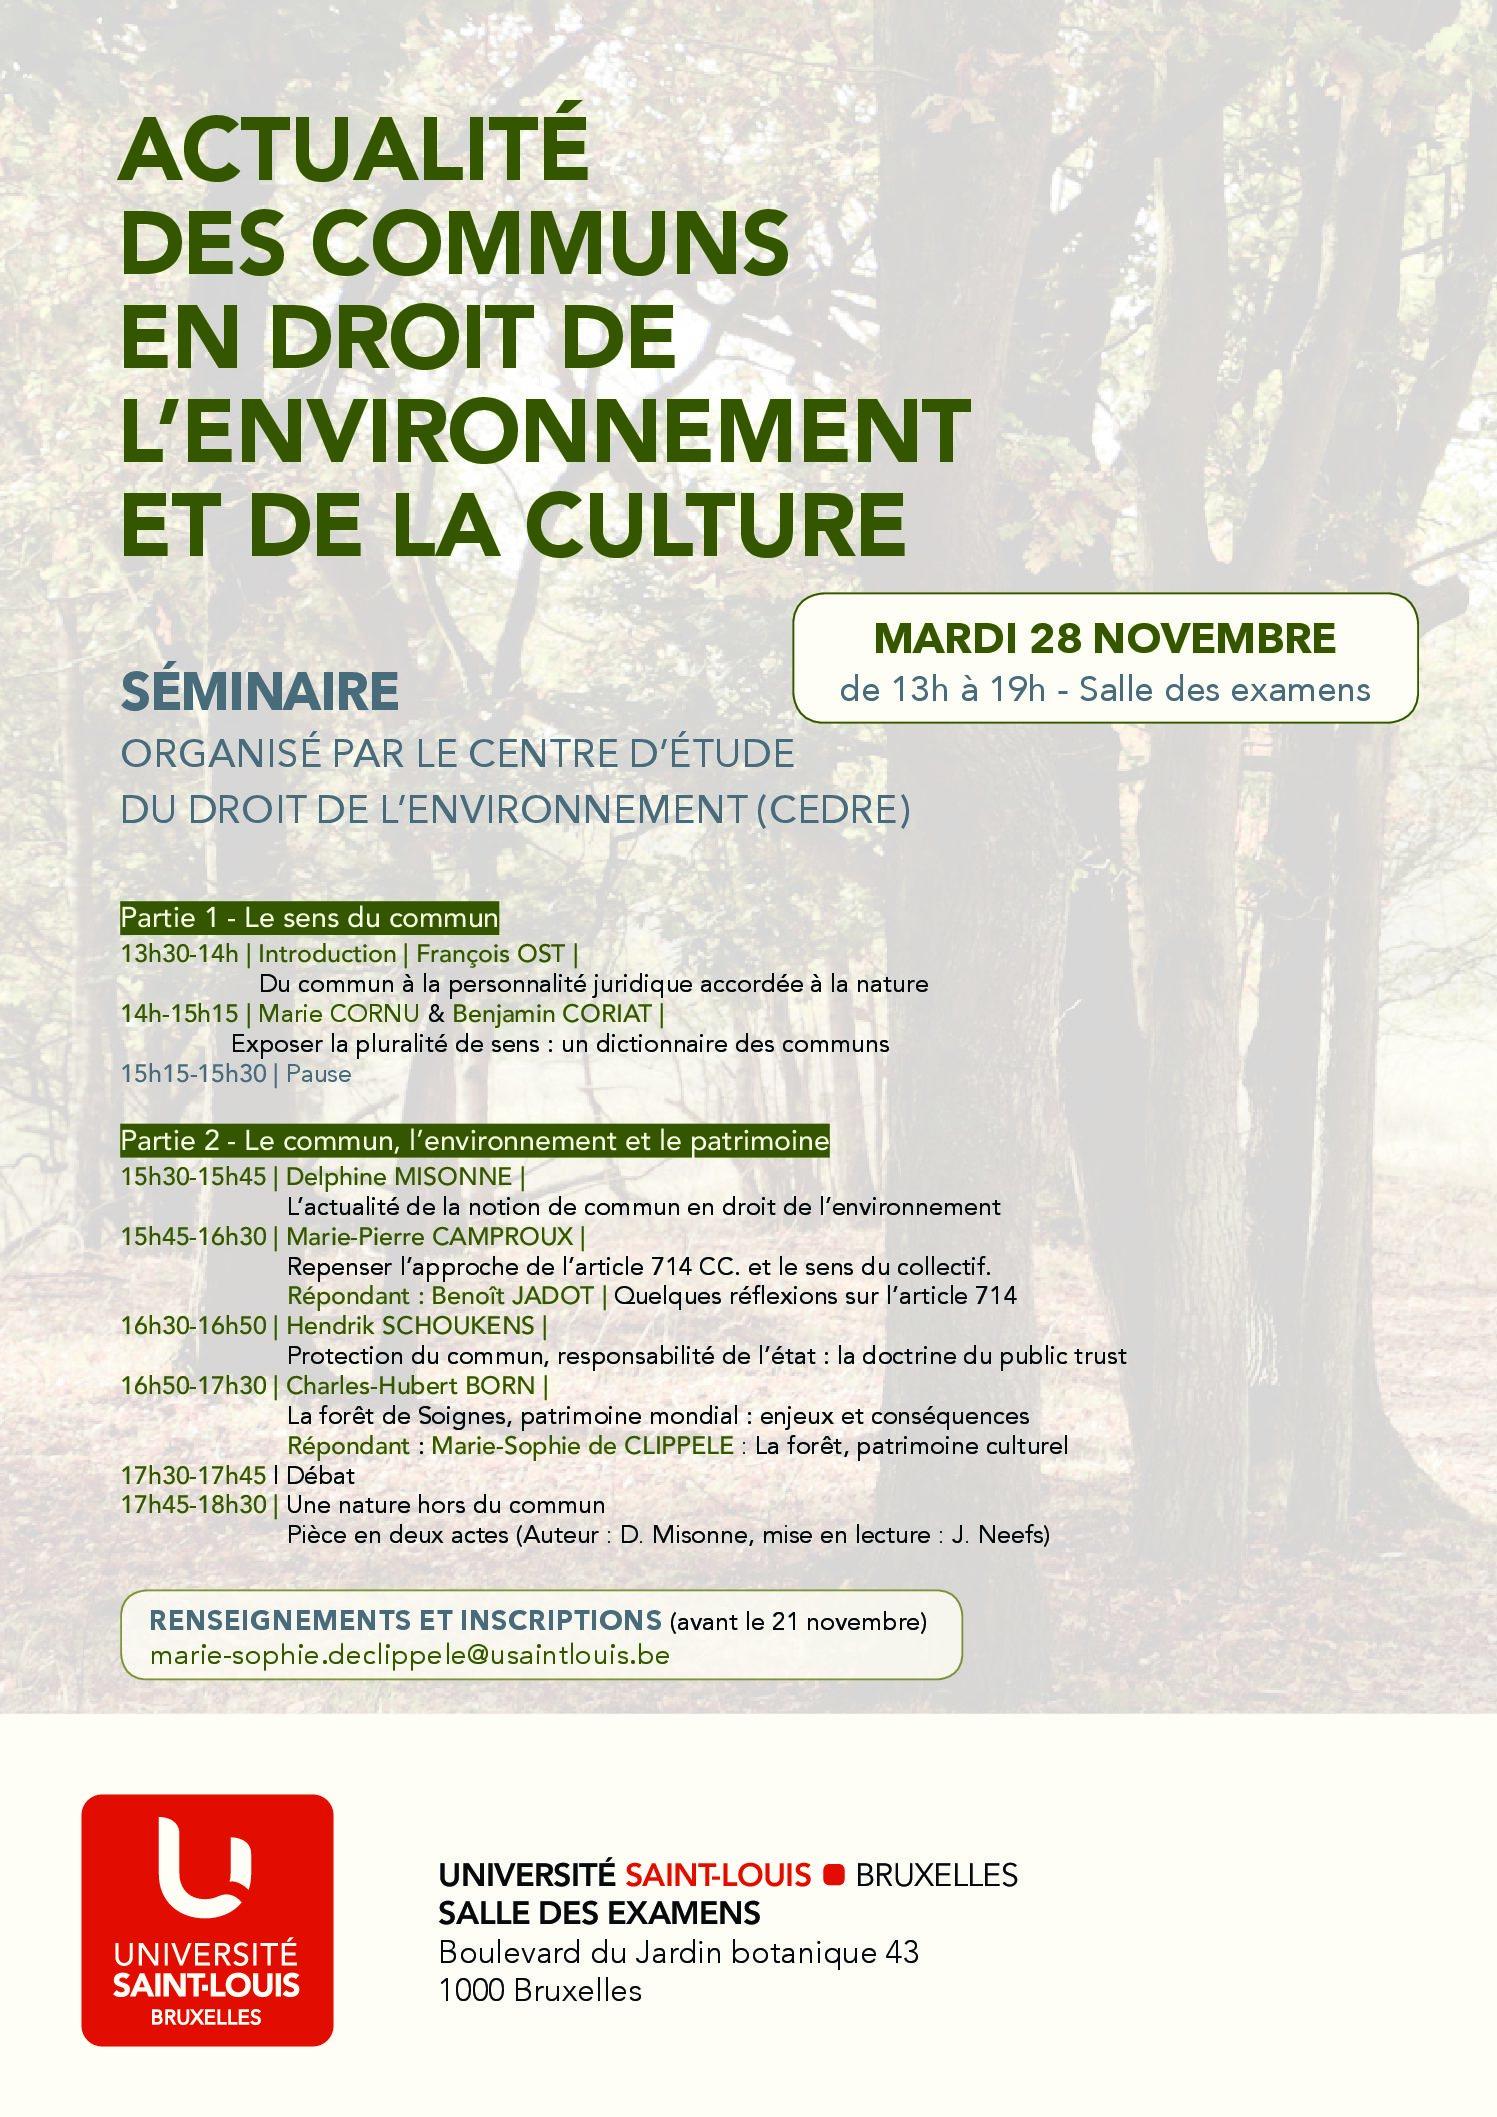 28 novembre – Séminaire Actualité des communs en droit de l'environnement et de la culture